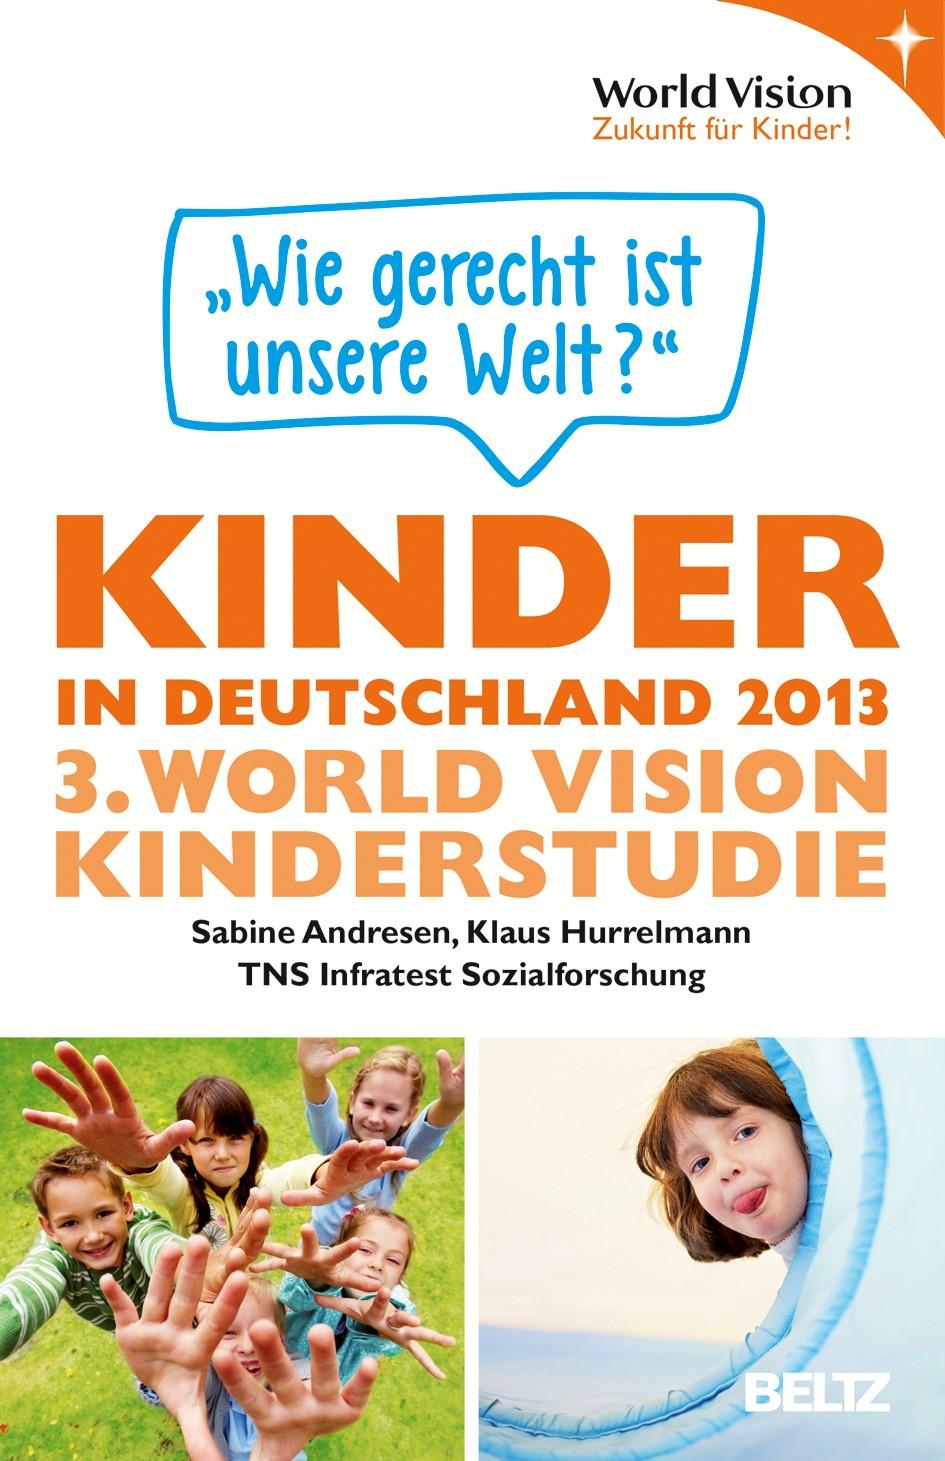 Abbildung von World Vision Deutschland e.V. | Kinder in Deutschland 2013 | 2013